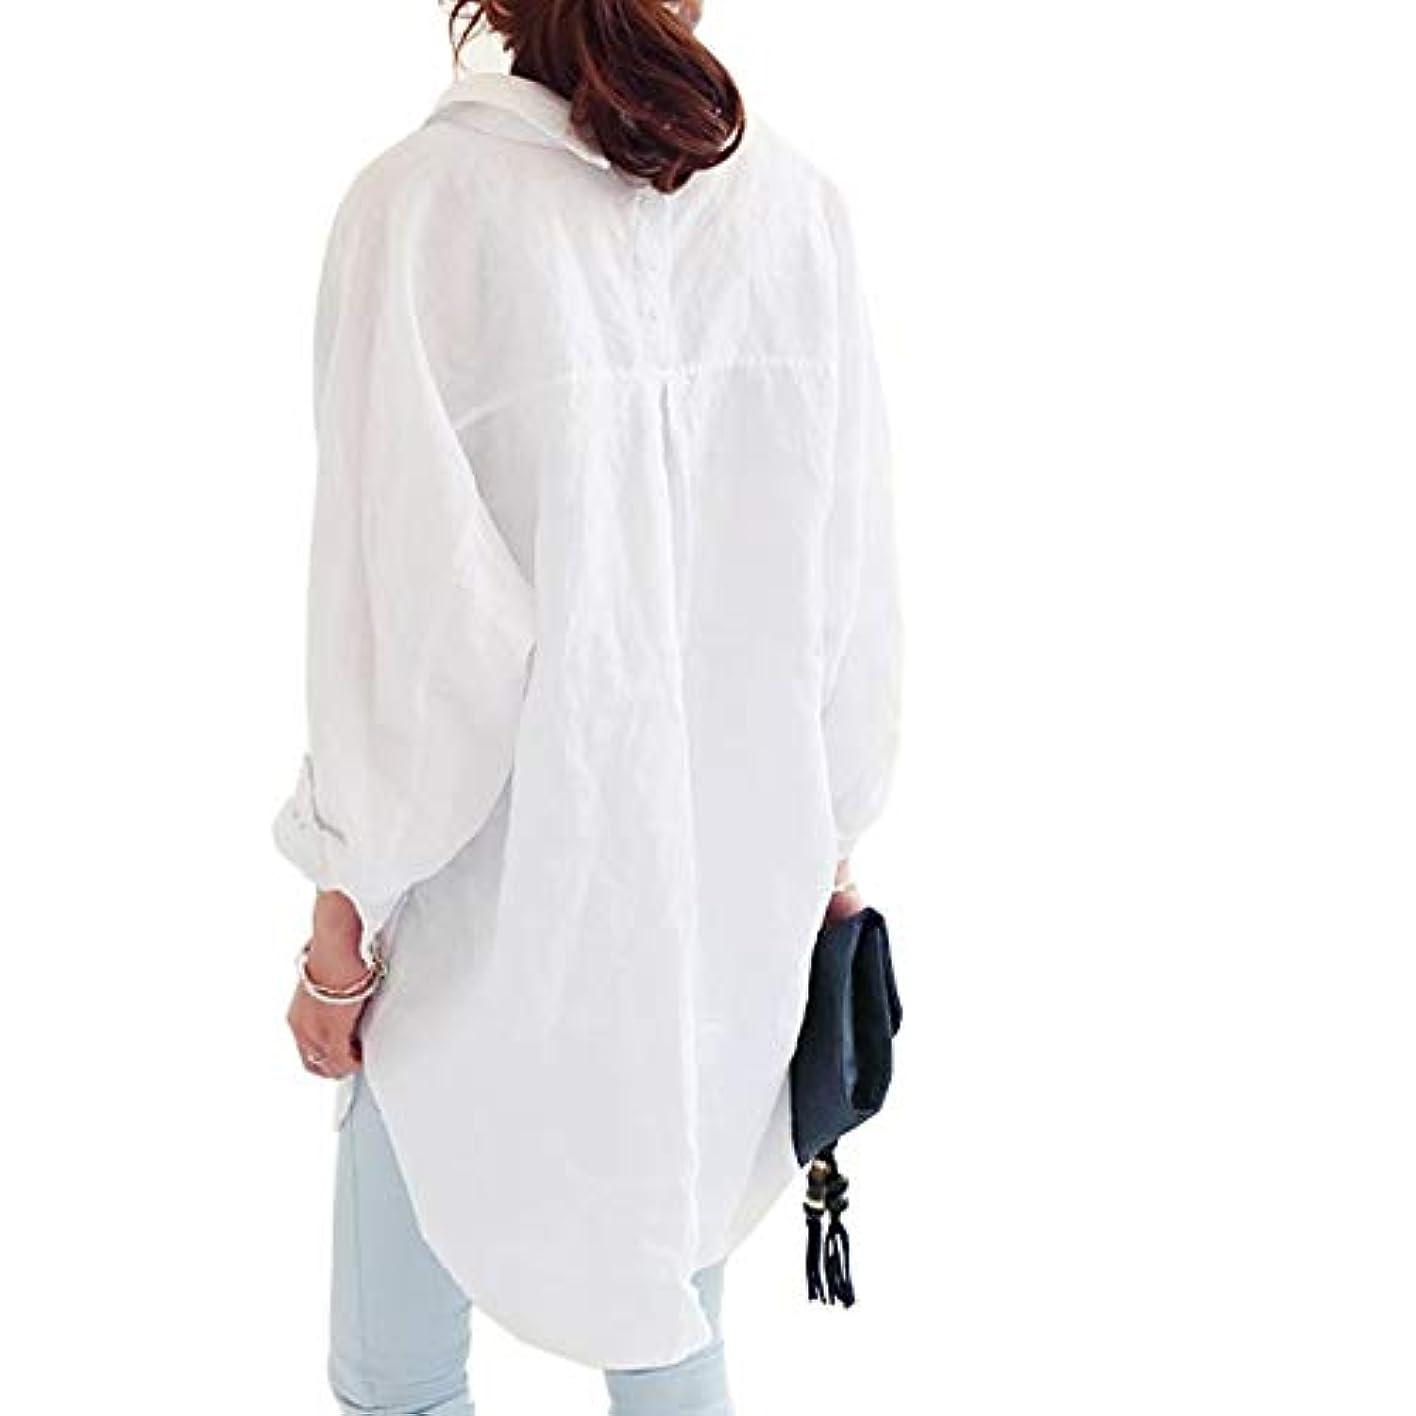 満了債権者削減[ココチエ] シャツ ワンピ レディース ブラウス 長袖 ロング 水色 白 大きいサイズ おおきいサイズ おしゃれ ゆったり 体型カバー 前開き